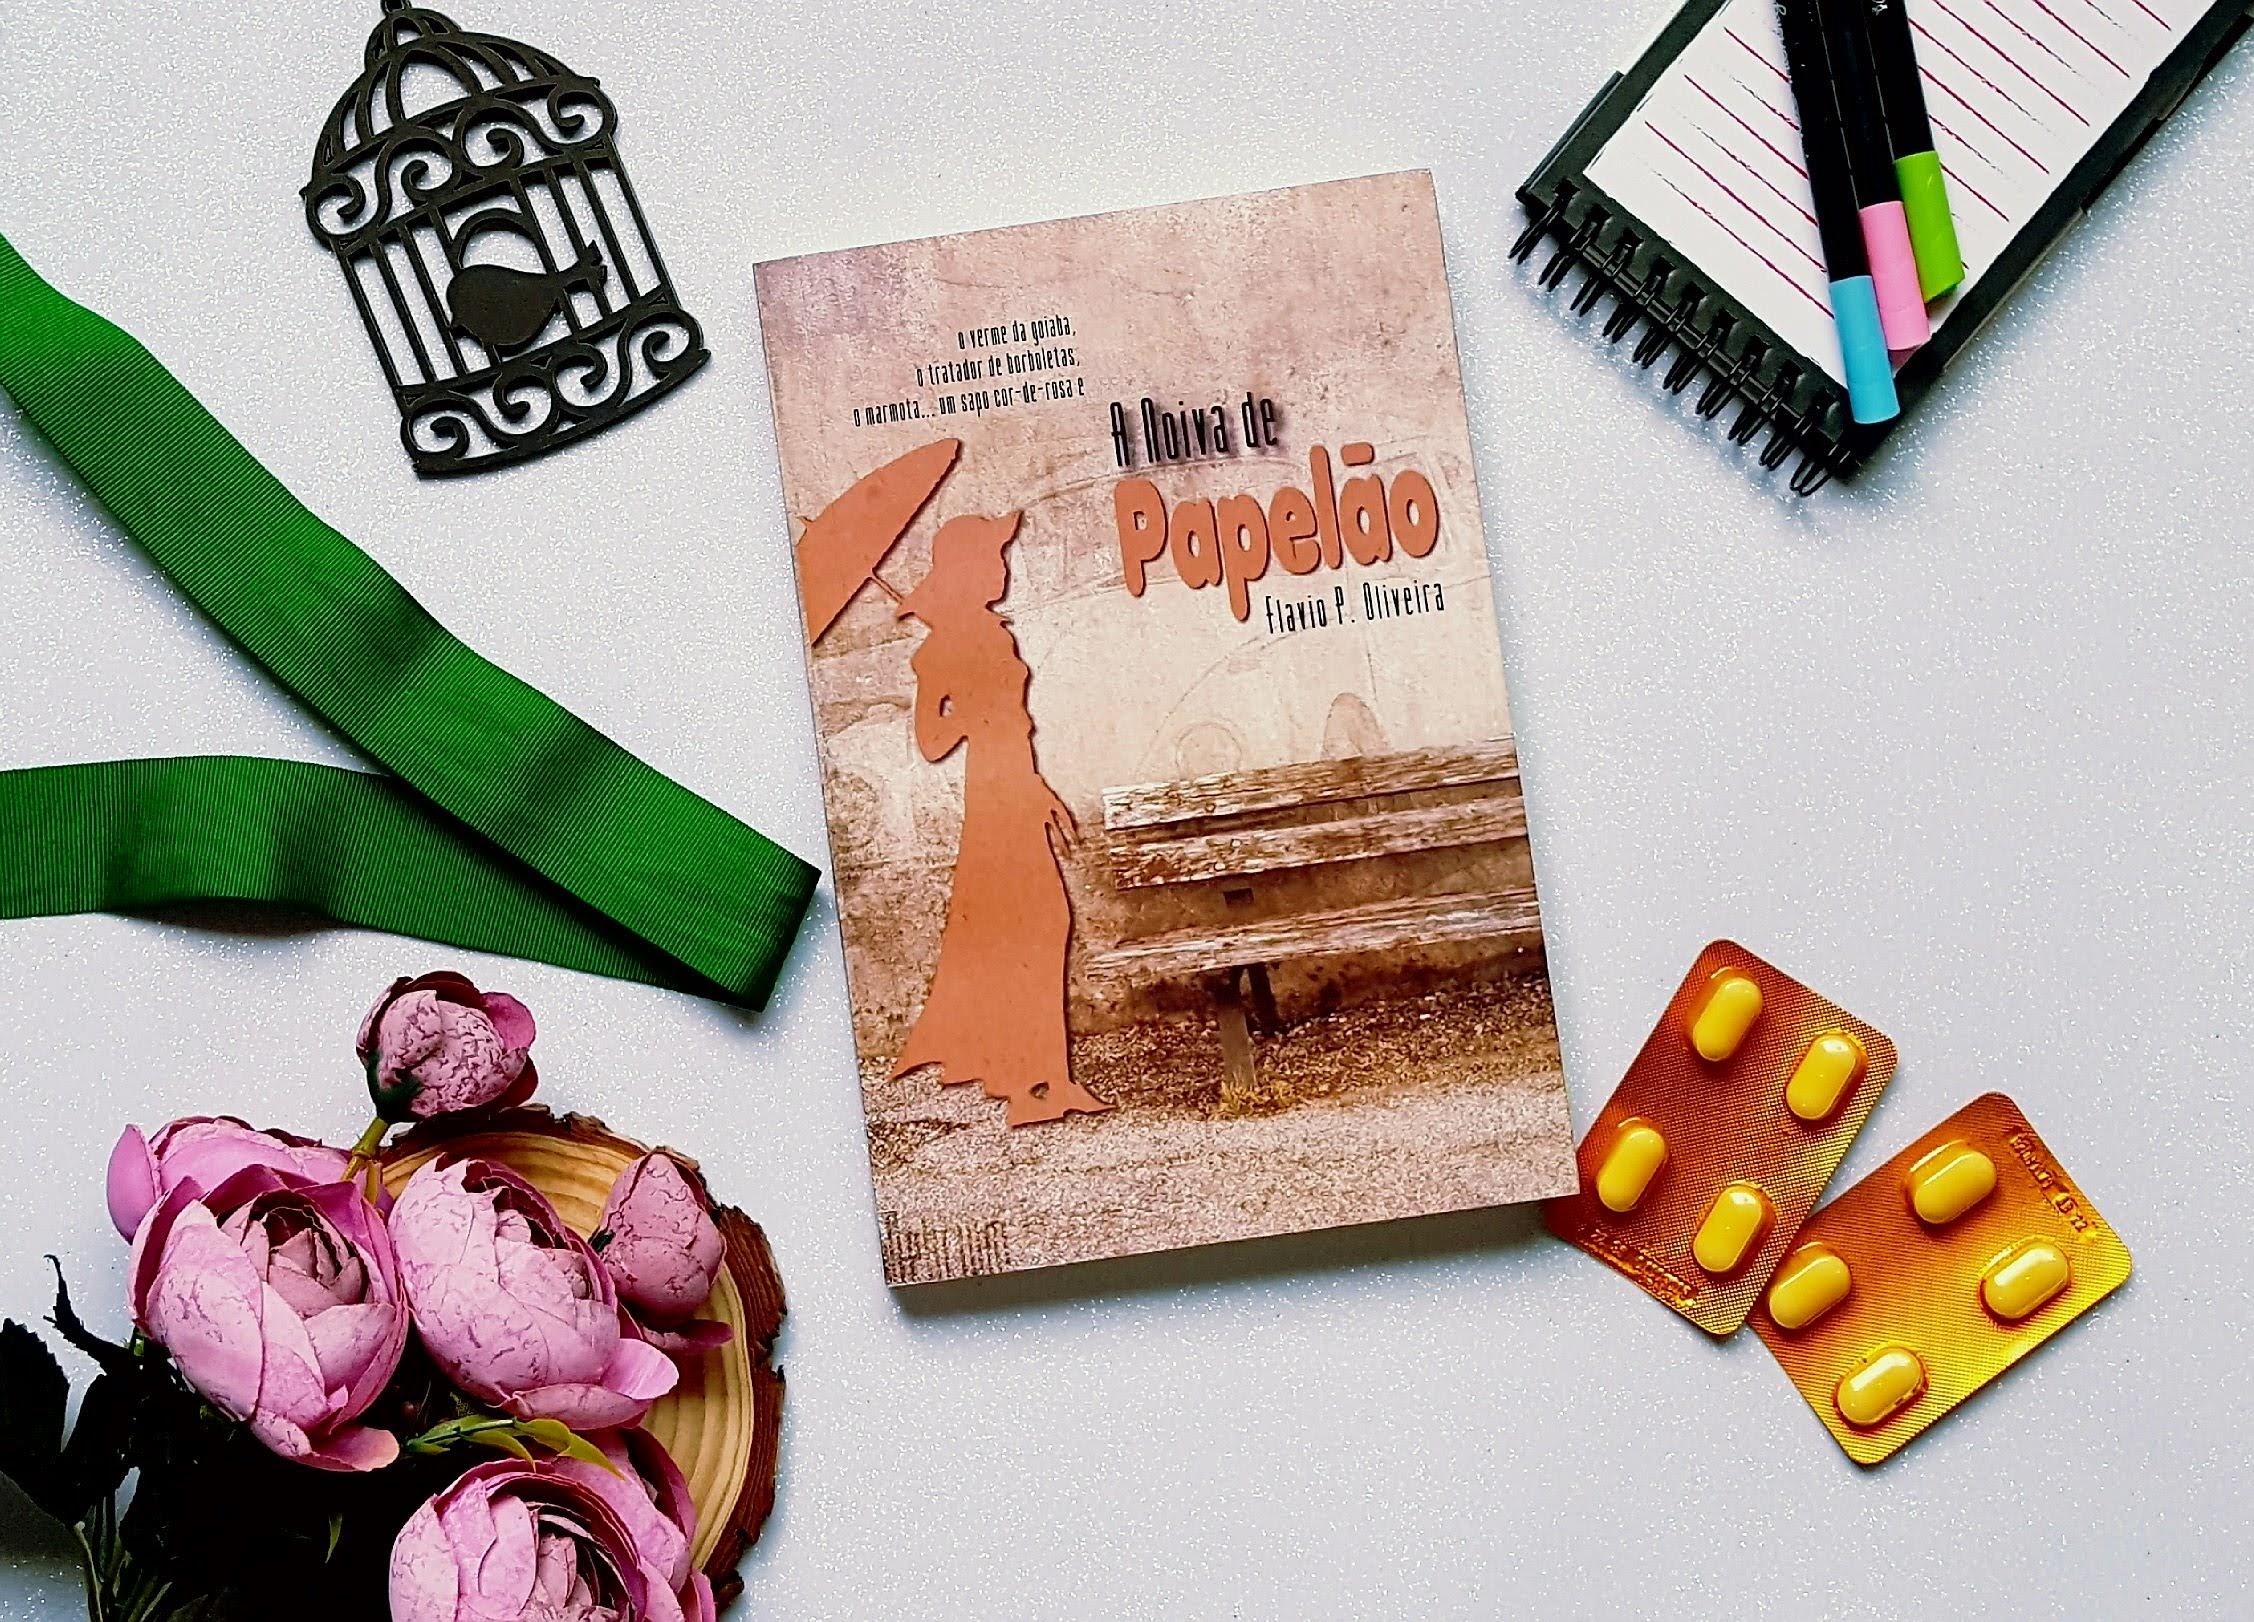 A noiva de papelão | Flavio P. Oliveira